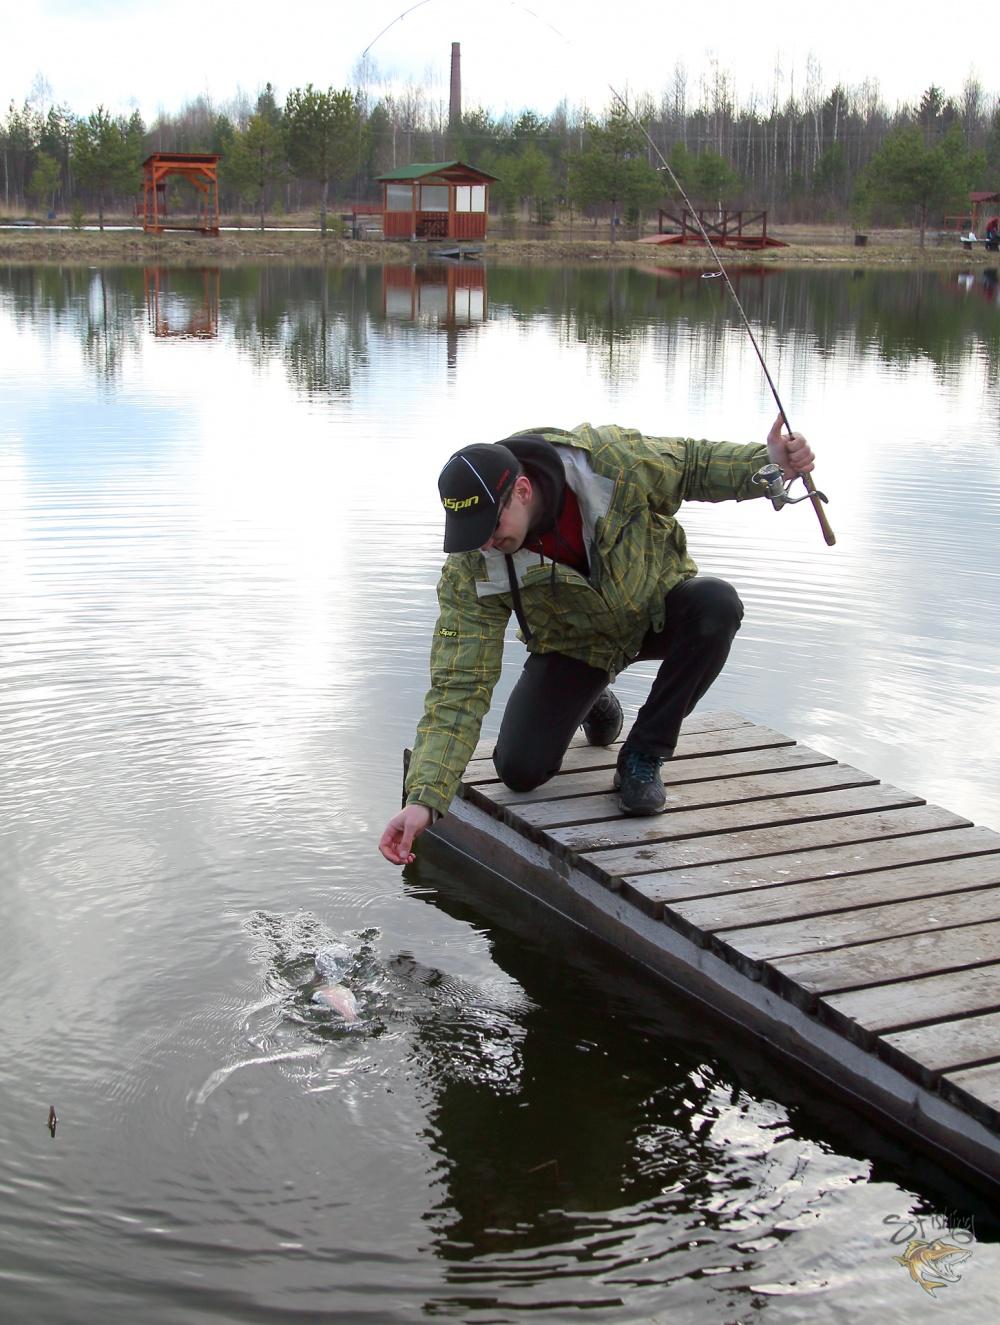 Даже с учётом безбородых крючков рыба села хорошо и сойти у неё не получилось (хотя я и пытался =Р)